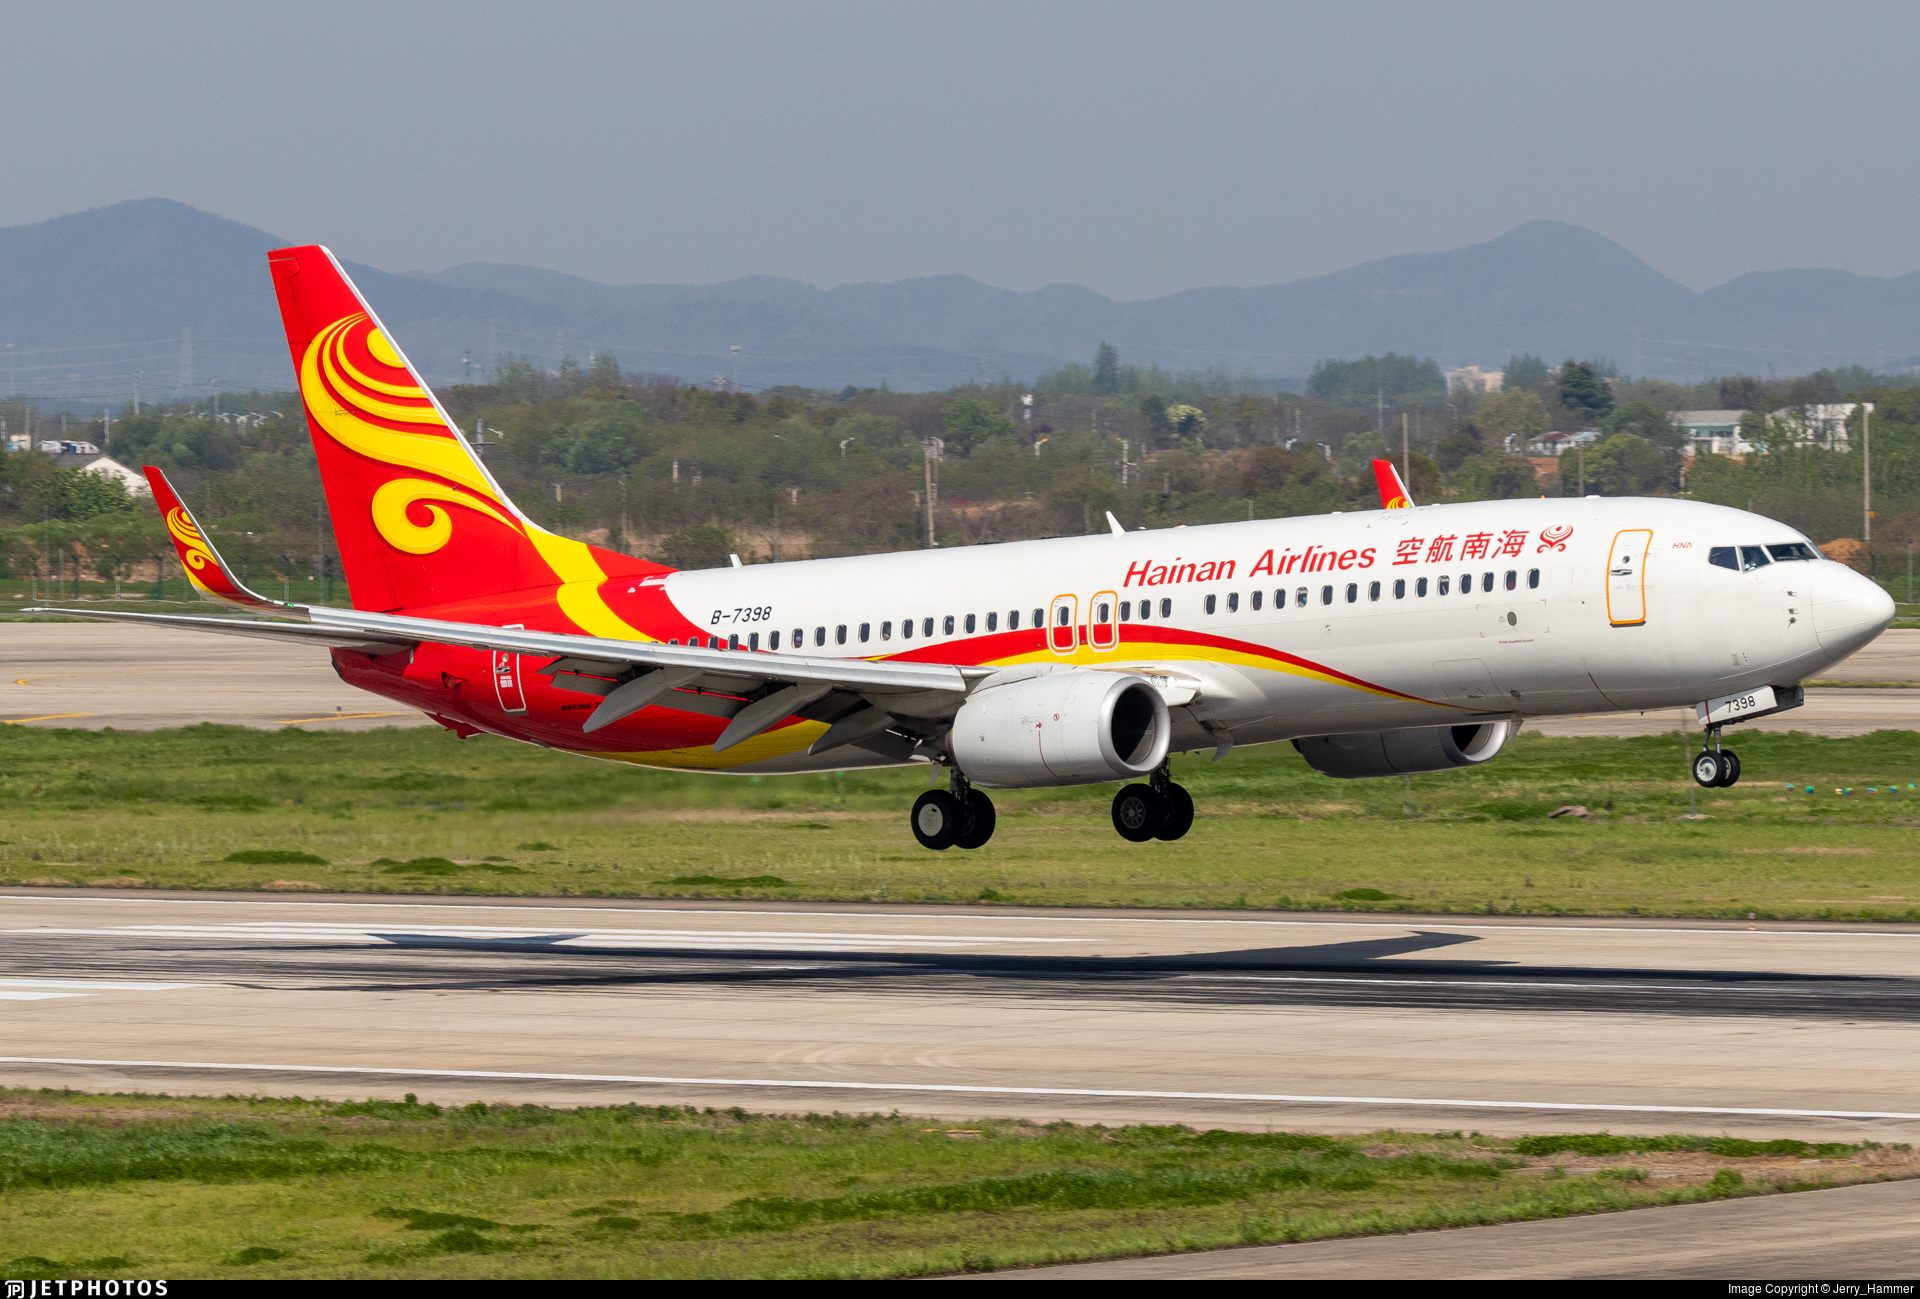 B-7398 - Boeing 737-86N - Hainan Airlines